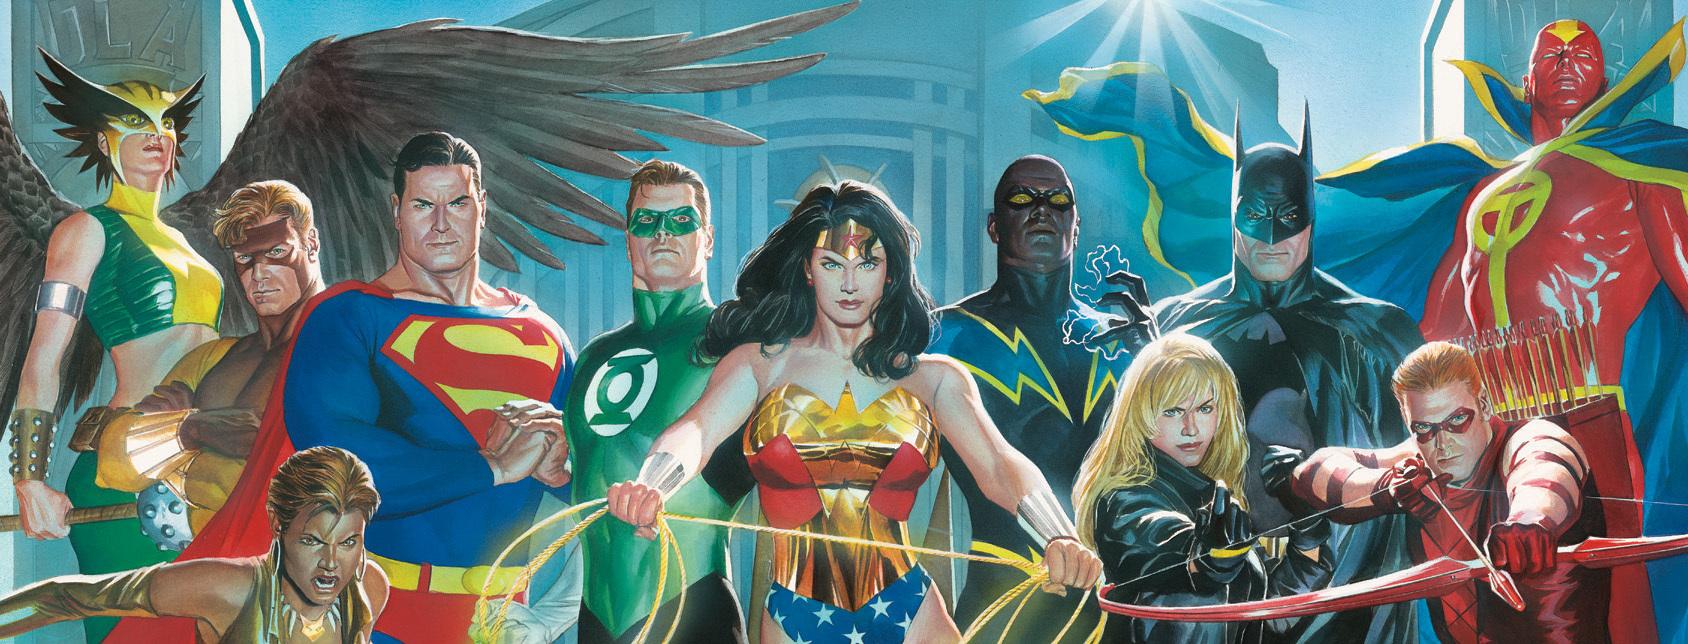 Justice-League-justice-league-14196581-1688-644